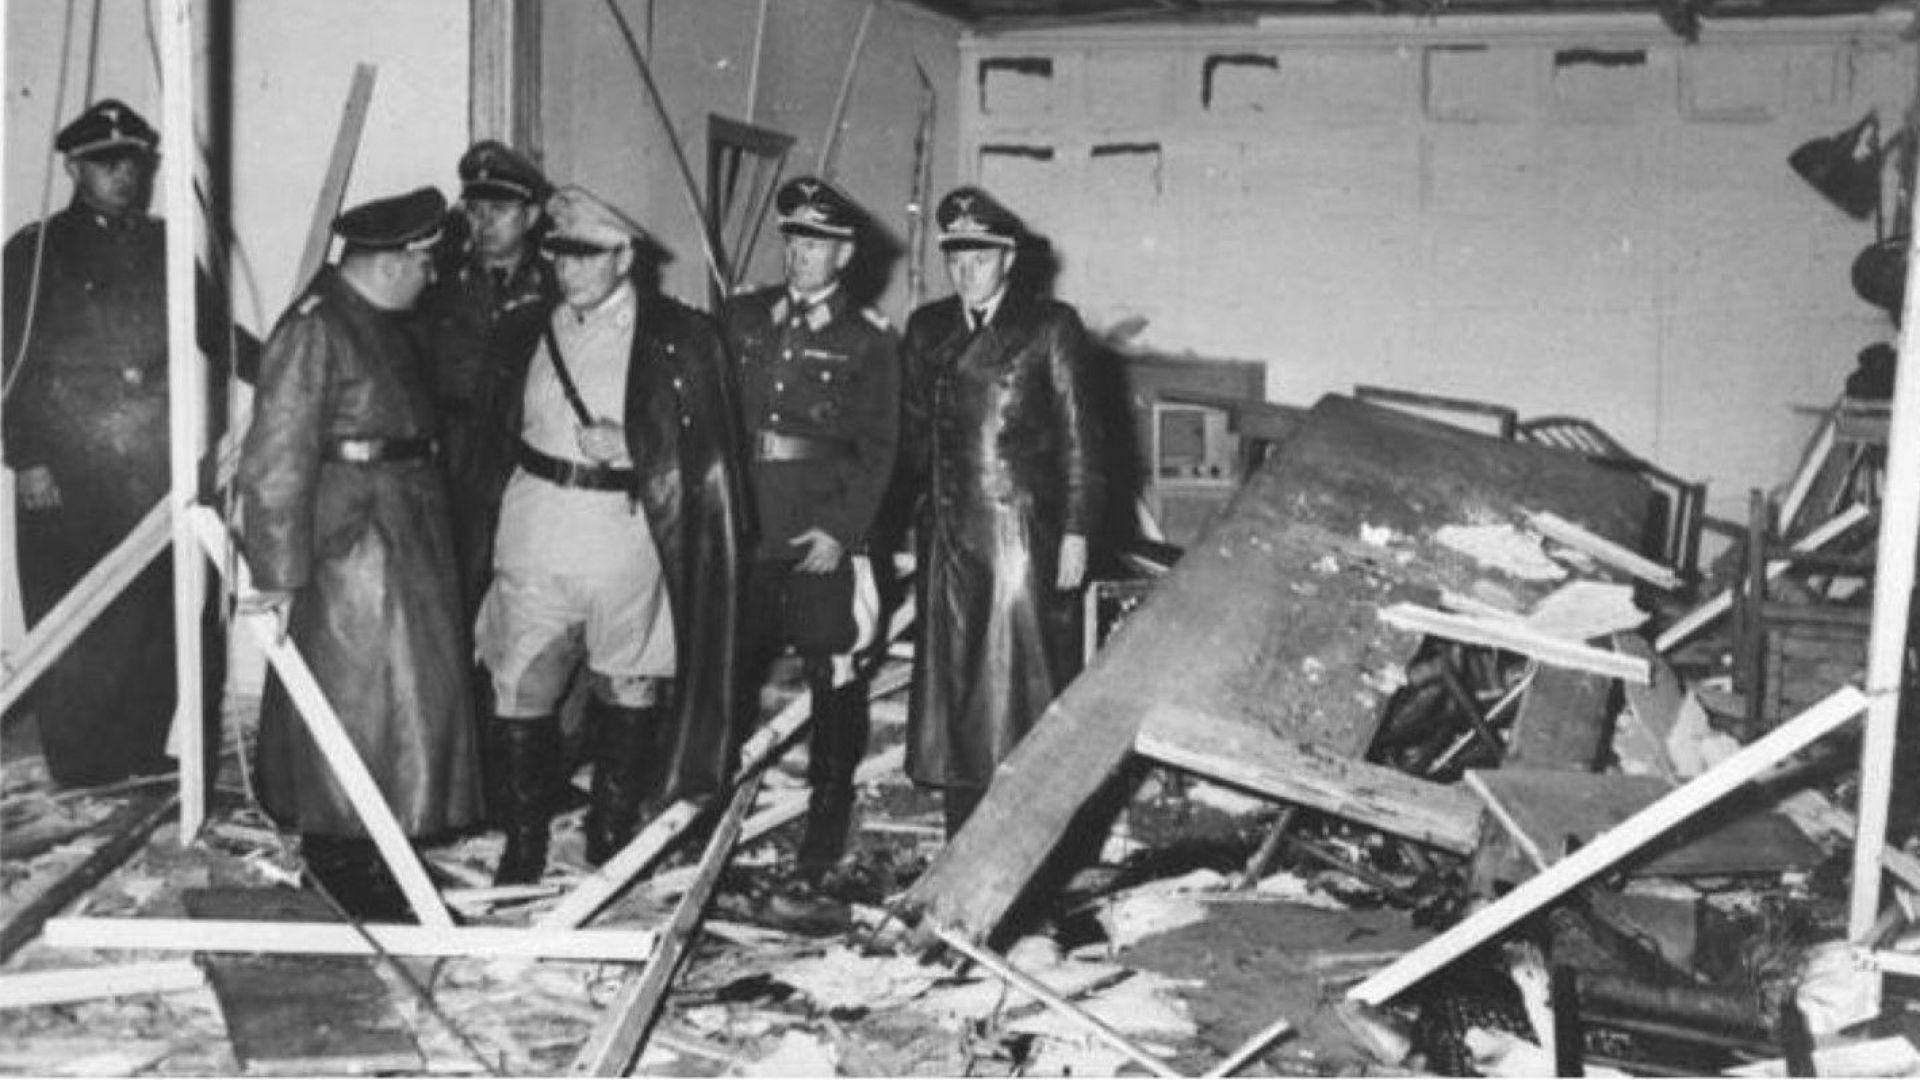 """Операция """"Валкирия"""" - опитът за убийство на Хитлер и екзекуцията на заговорниците"""